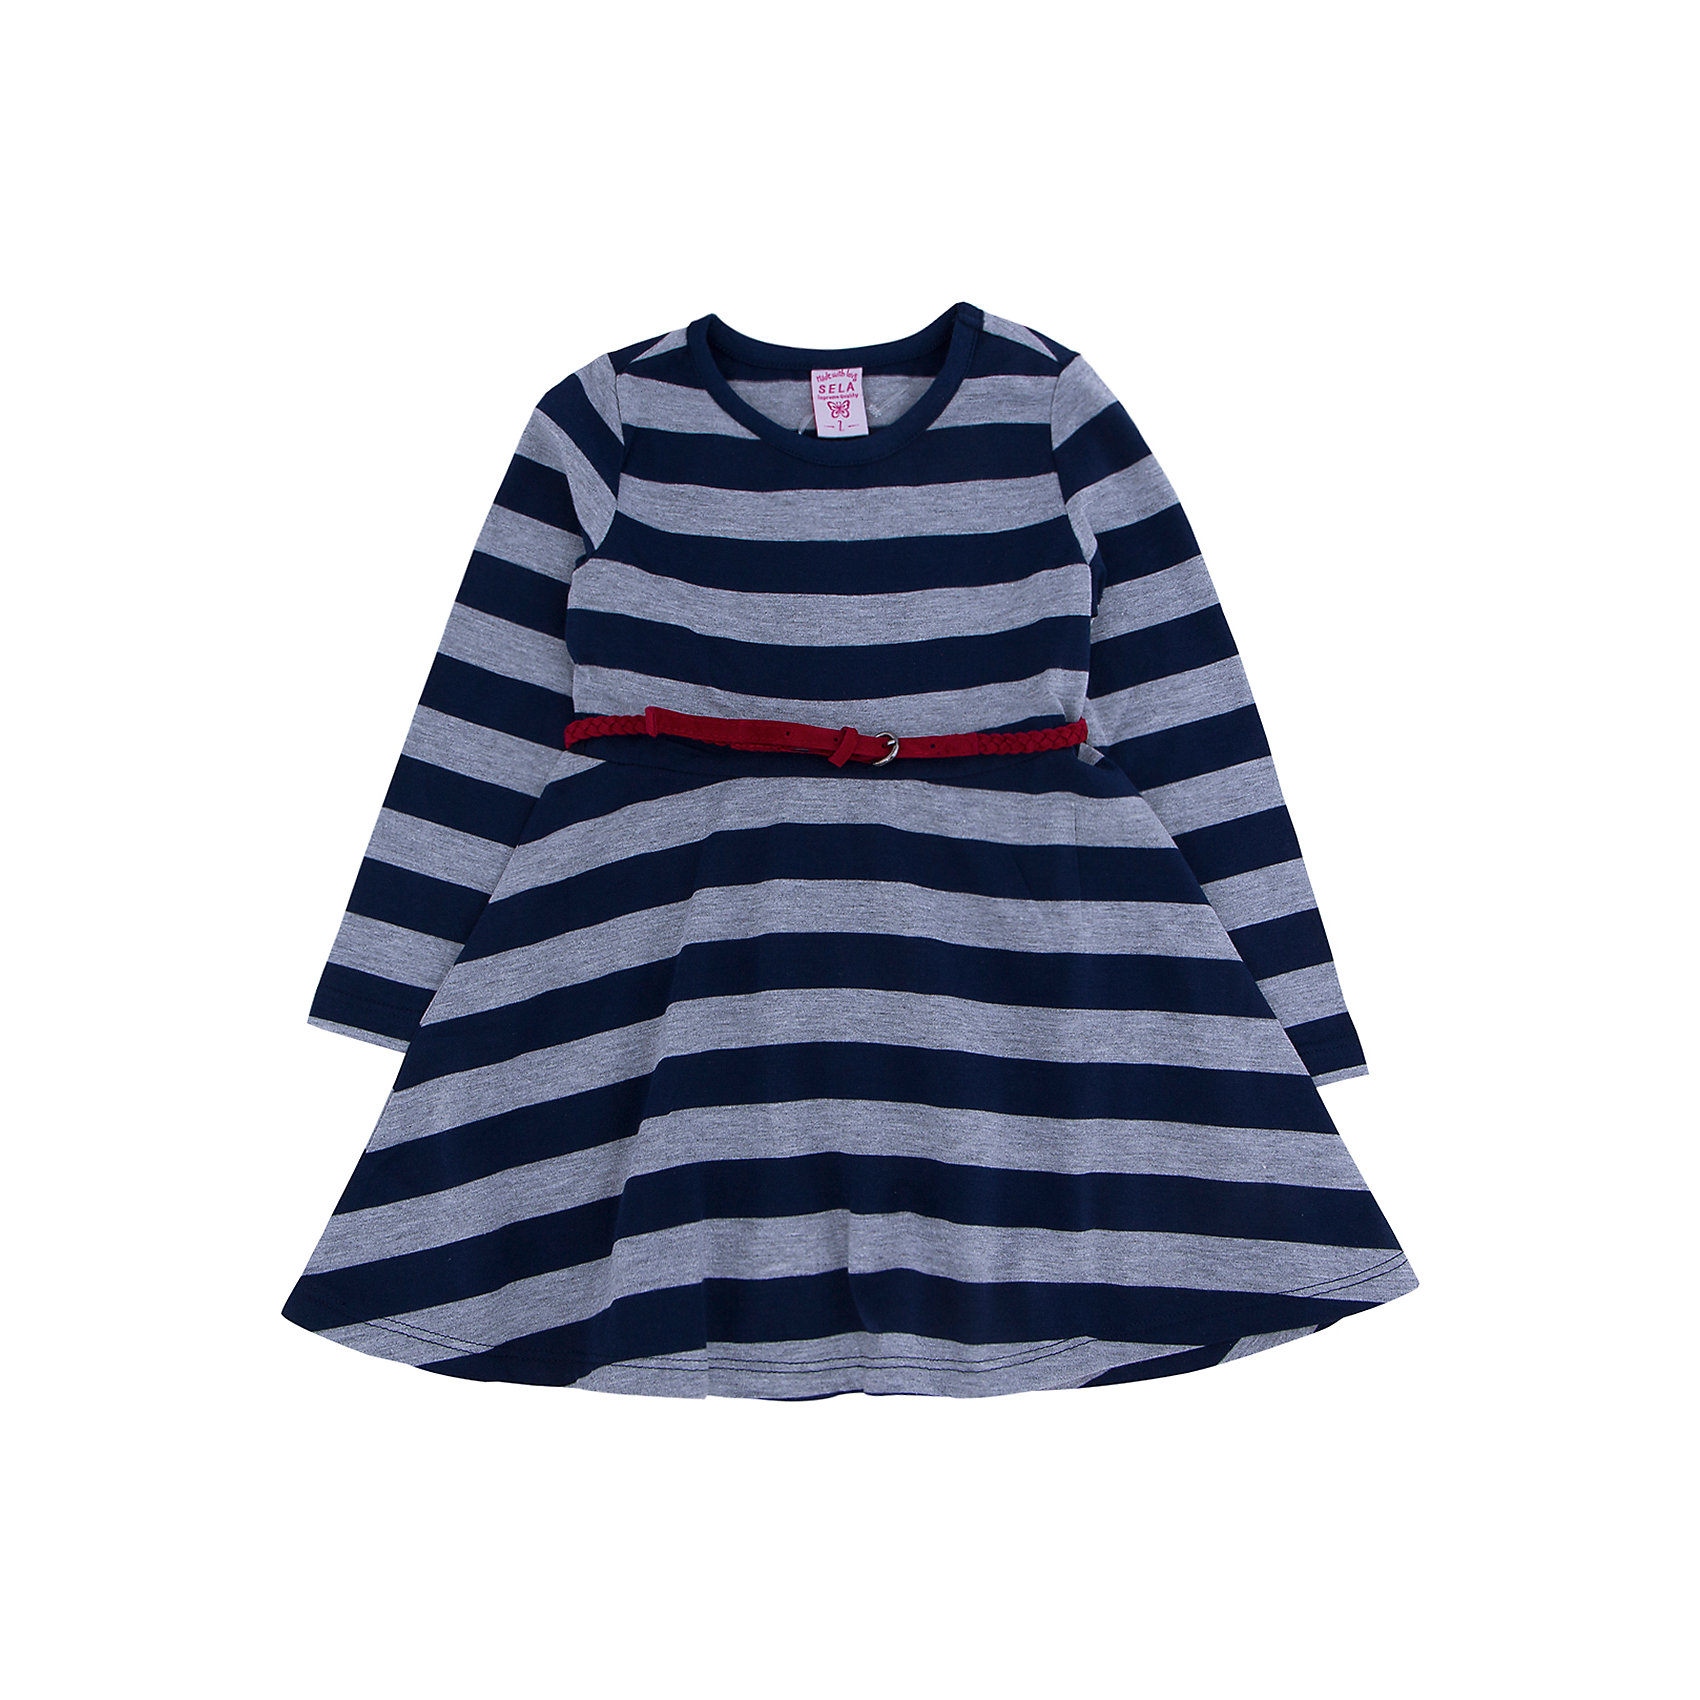 Платье для девочки SELAПлатья и сарафаны<br>Стильное платье в крупную полоску с элегантным красным ремешком, то что необходимо иметь в гардеробе юной леди.<br><br>Платье очень удобно и его можно носить на праздник, либо в школу или просто на прогулку.<br><br>Дополнительная информация:<br><br>- Свободный крой.<br>- Длинный рукав, длина до колен, силуэт расклешенный. <br>- Цвет: темно-синий.<br>- Состав: 65% хлопок, 35% ПЭ.<br>- Бренд: SELA<br>- Коллекция: осень-зима 2016-2017<br><br>Купить платье для девочки от SELA можно в нашем магазине.<br><br>Ширина мм: 236<br>Глубина мм: 16<br>Высота мм: 184<br>Вес г: 177<br>Цвет: синий<br>Возраст от месяцев: 36<br>Возраст до месяцев: 48<br>Пол: Женский<br>Возраст: Детский<br>Размер: 104,116,92,98,110<br>SKU: 4883498